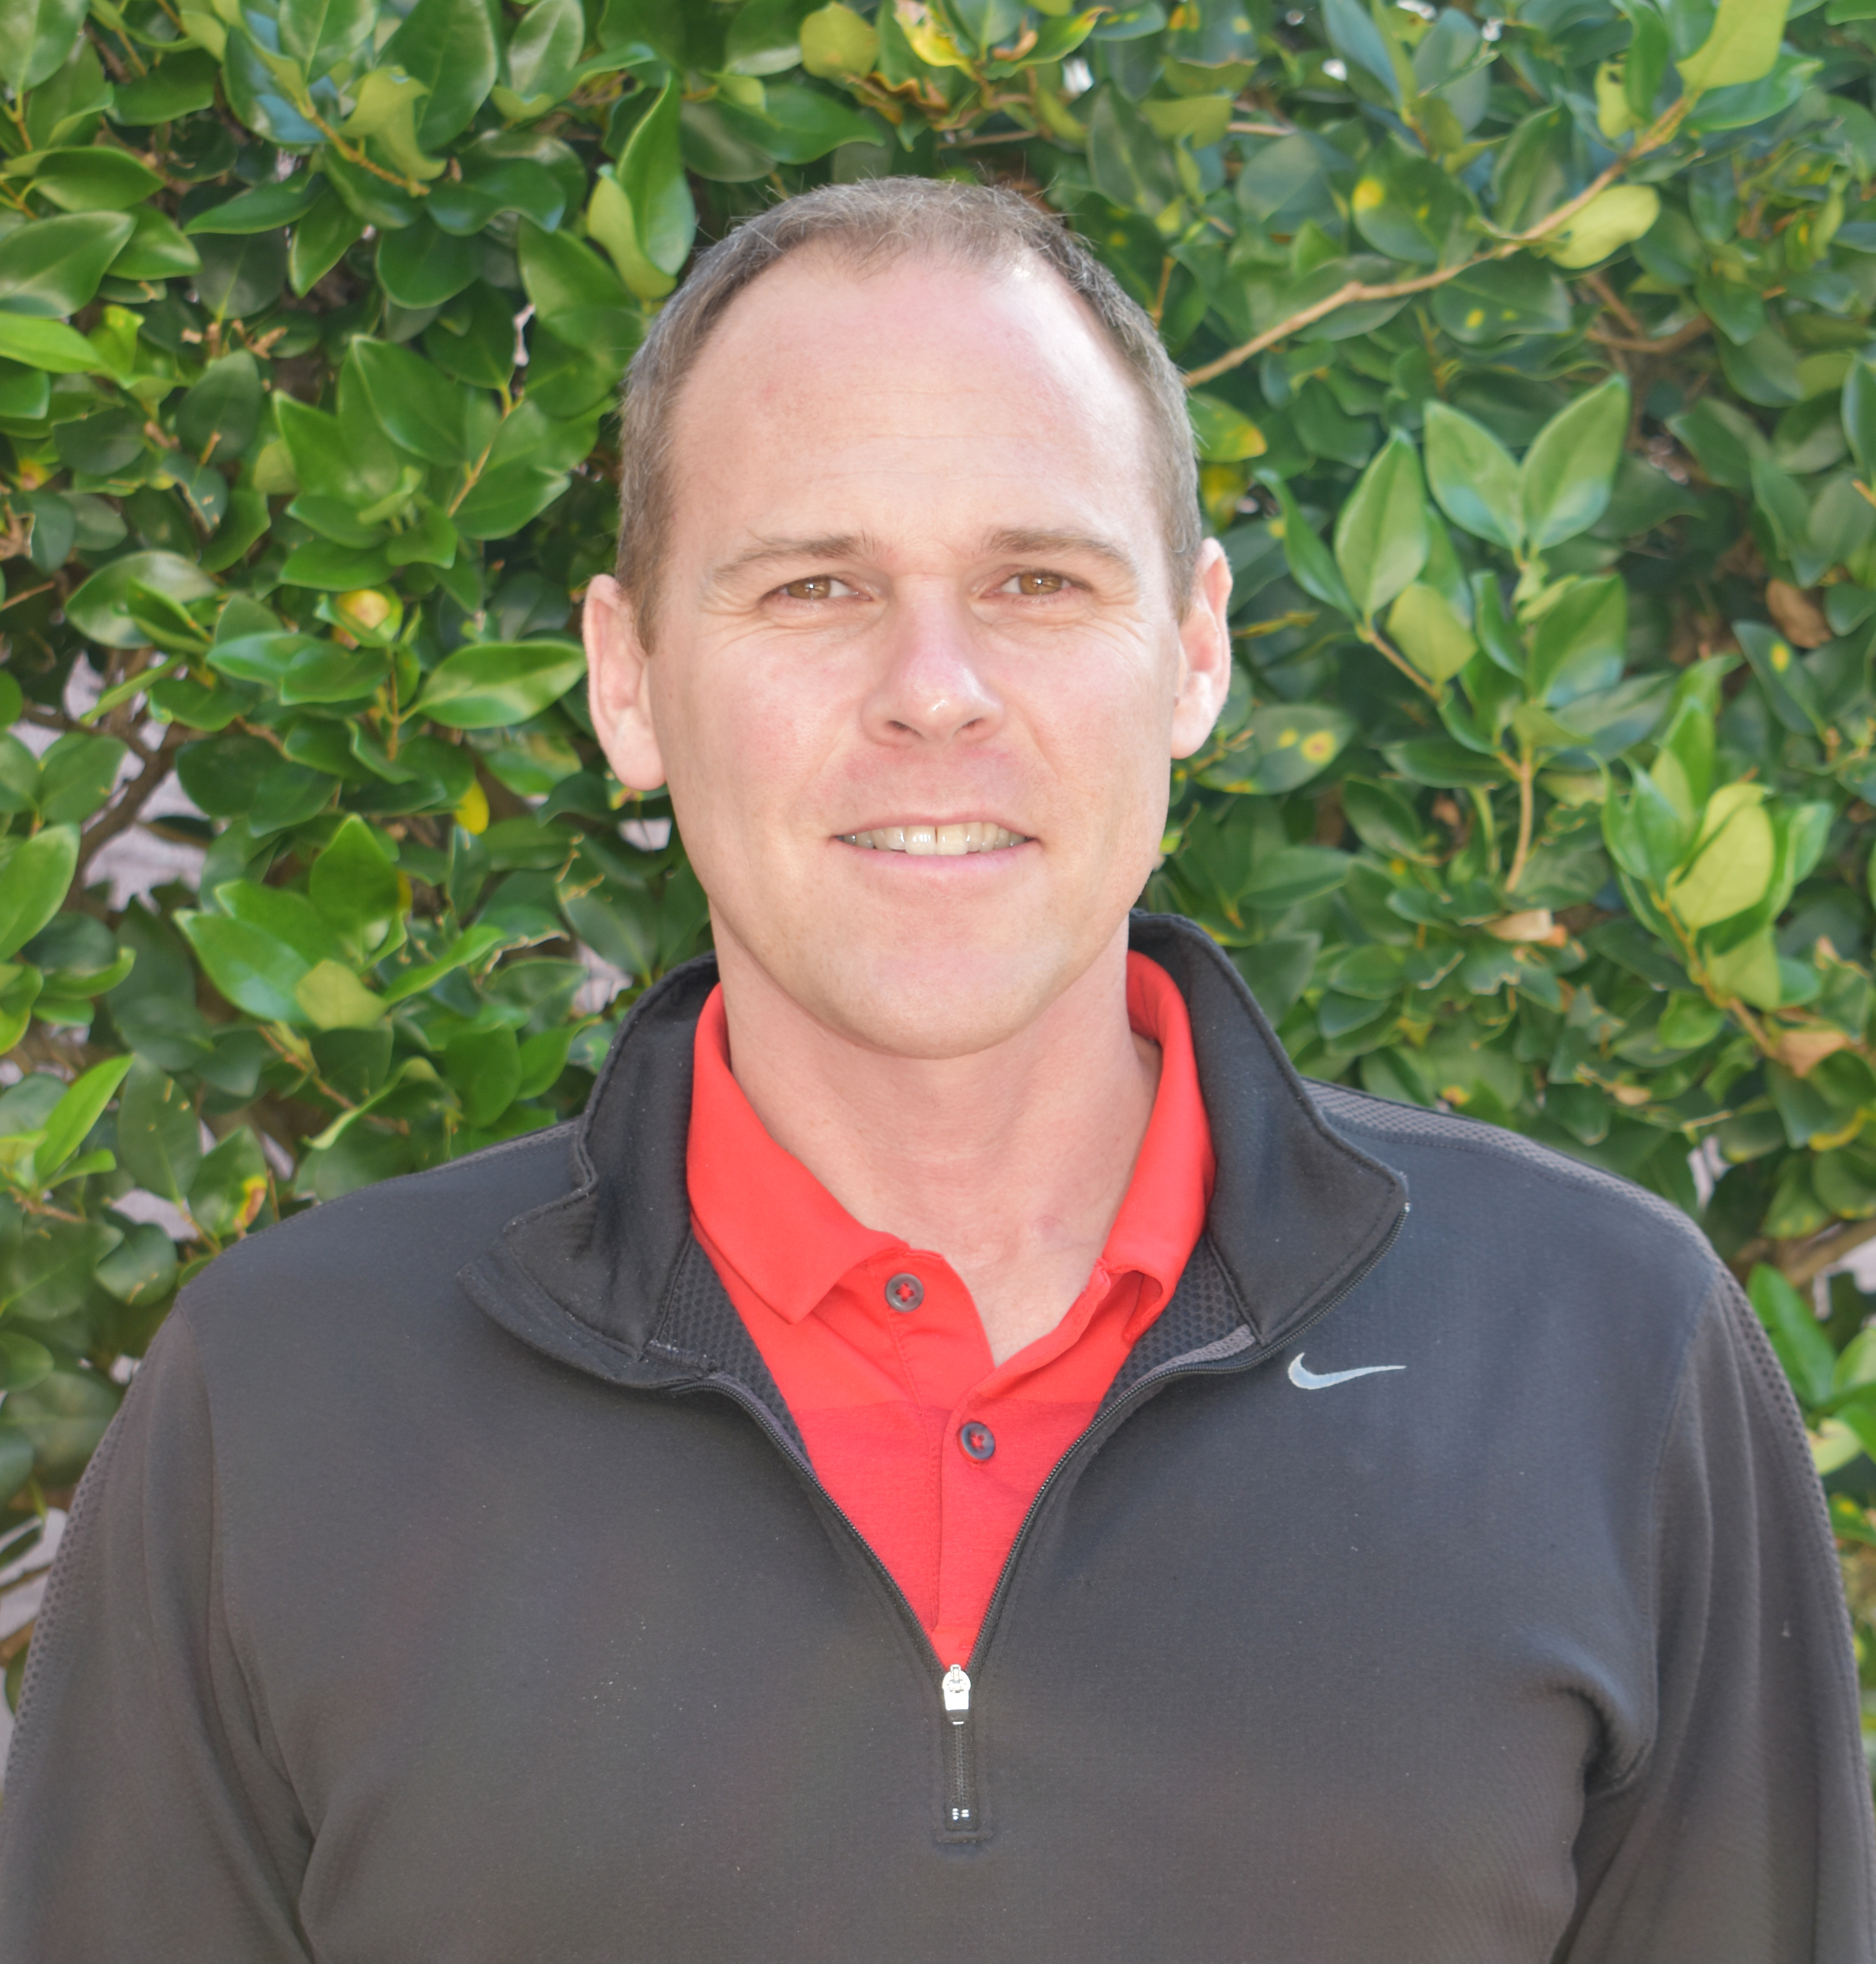 Chris Lavoie, Athletic Director